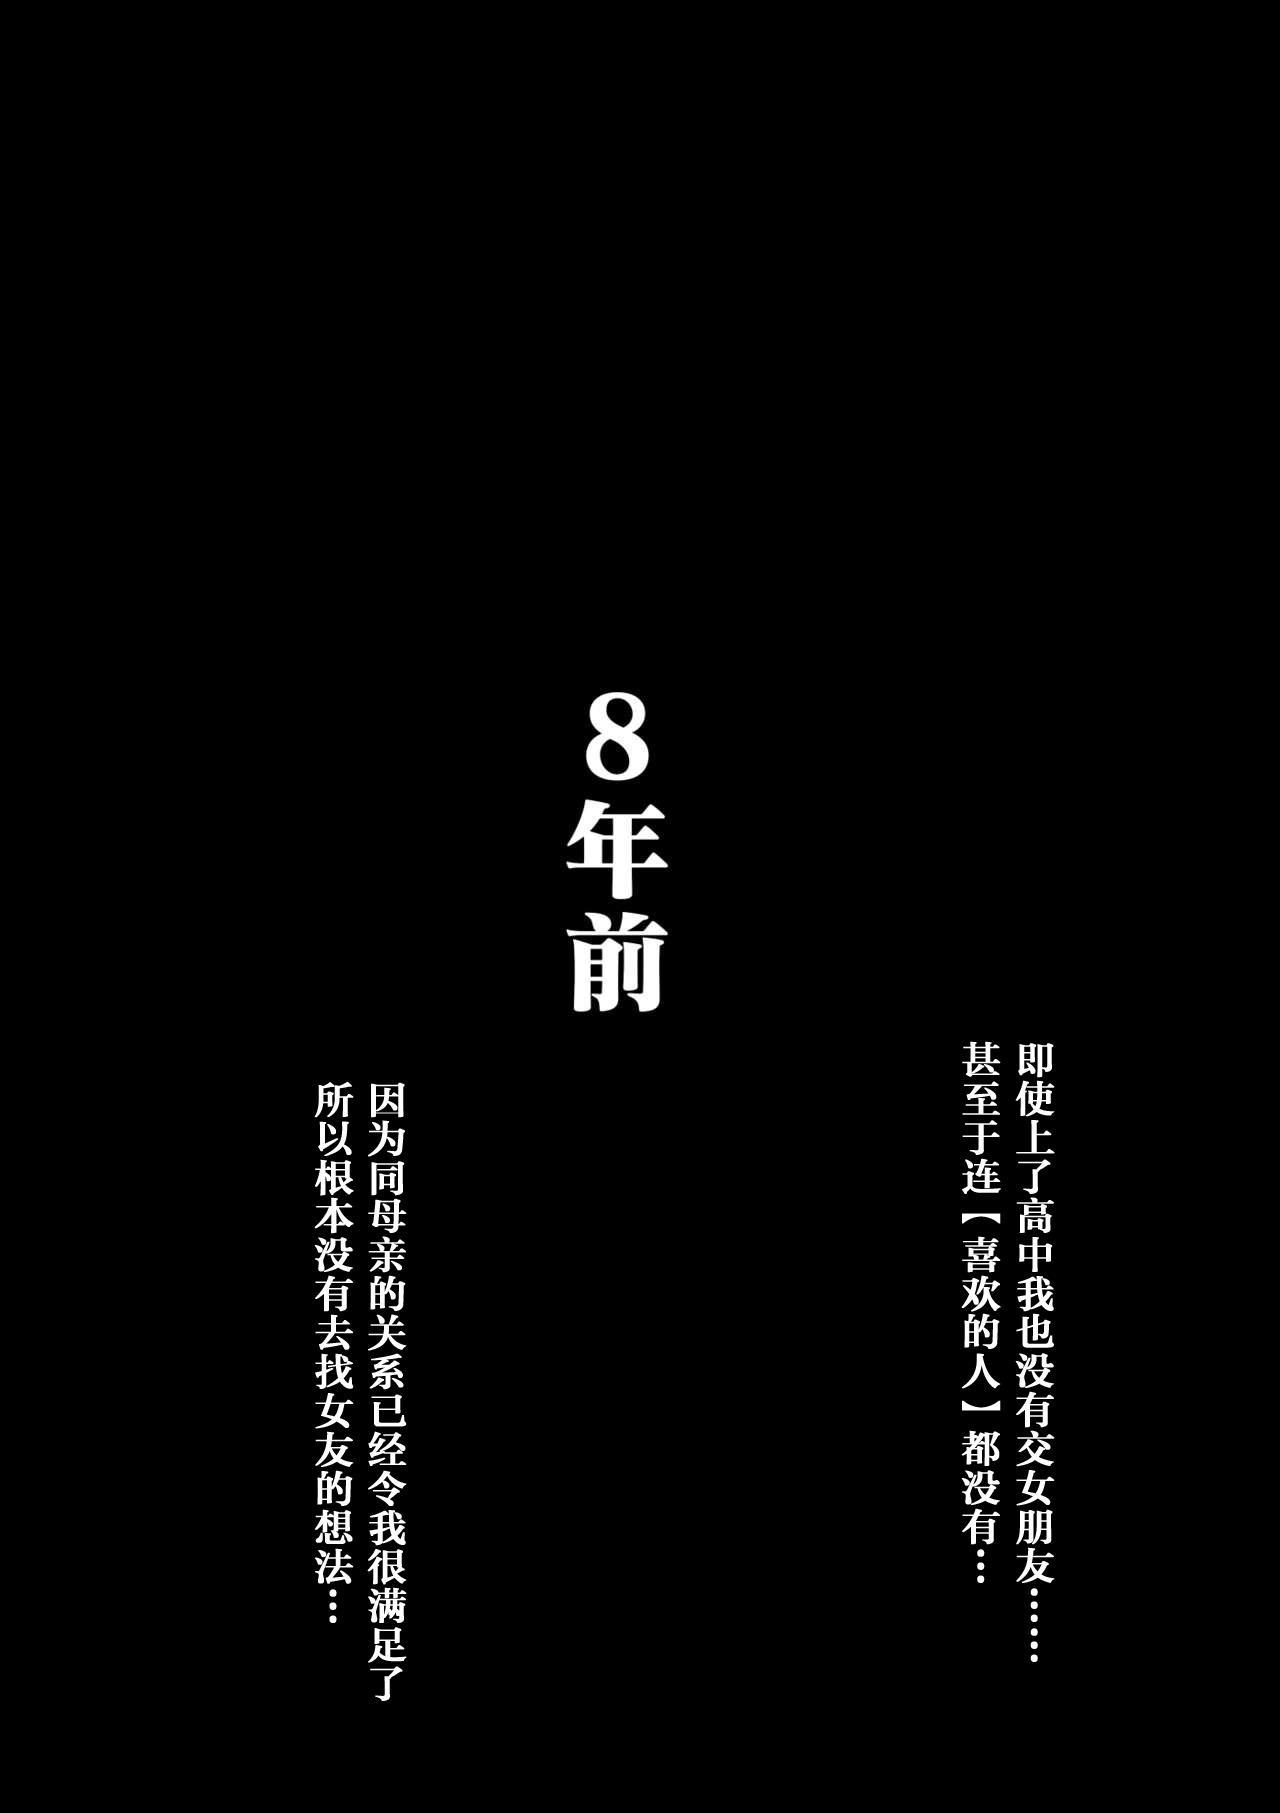 [Oozora Kaiko] Kaa-san to Ore no 20-nenshi ~Waga Ie no Kinshin Soukan Kaikoroku [Chinese] [金麦基个人汉化] 22